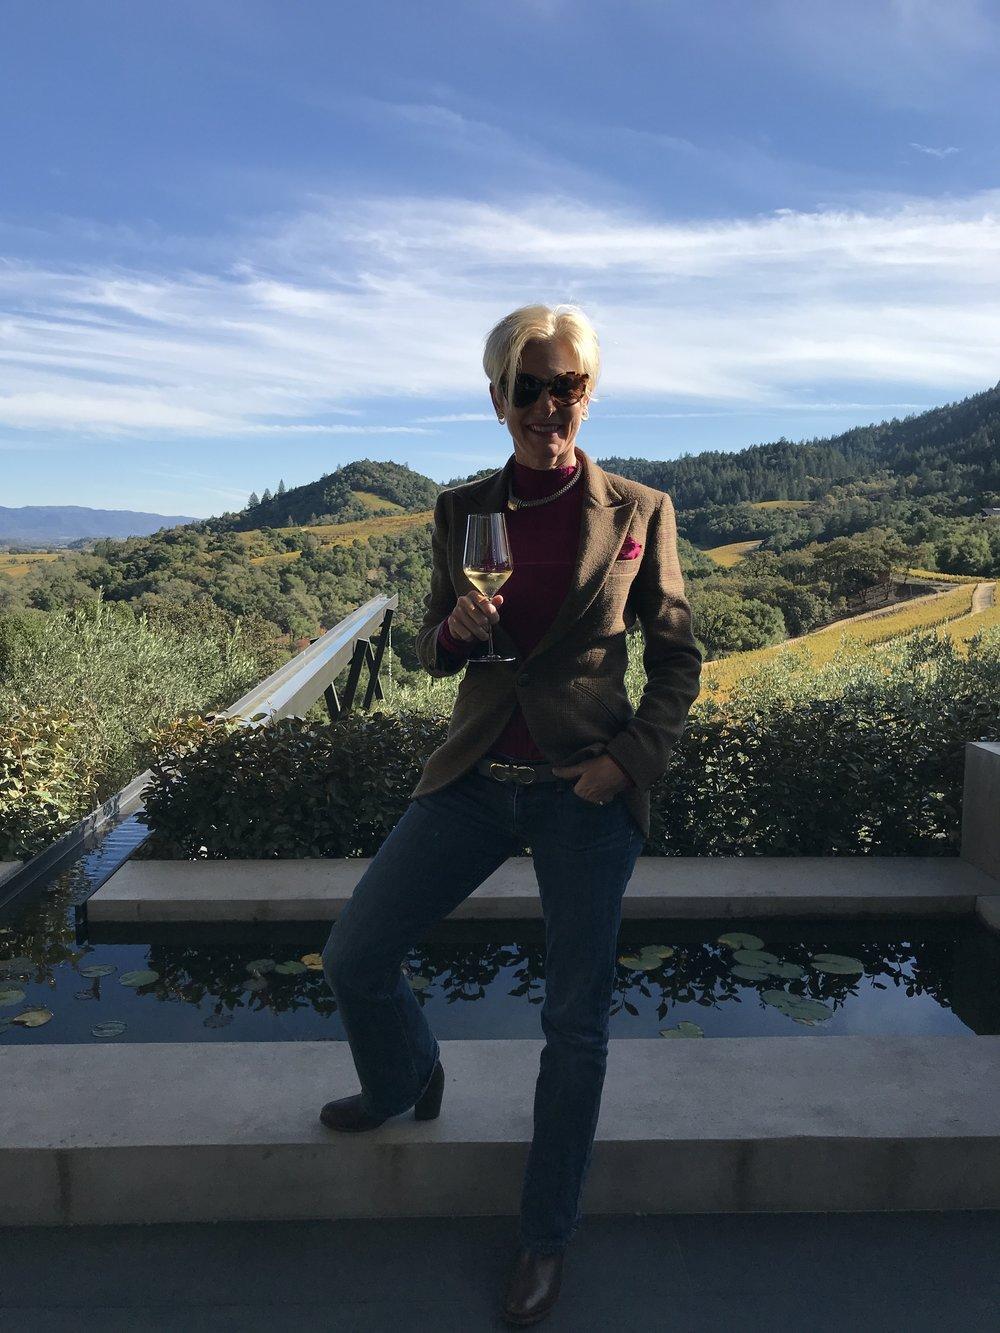 Winetasting in Napa